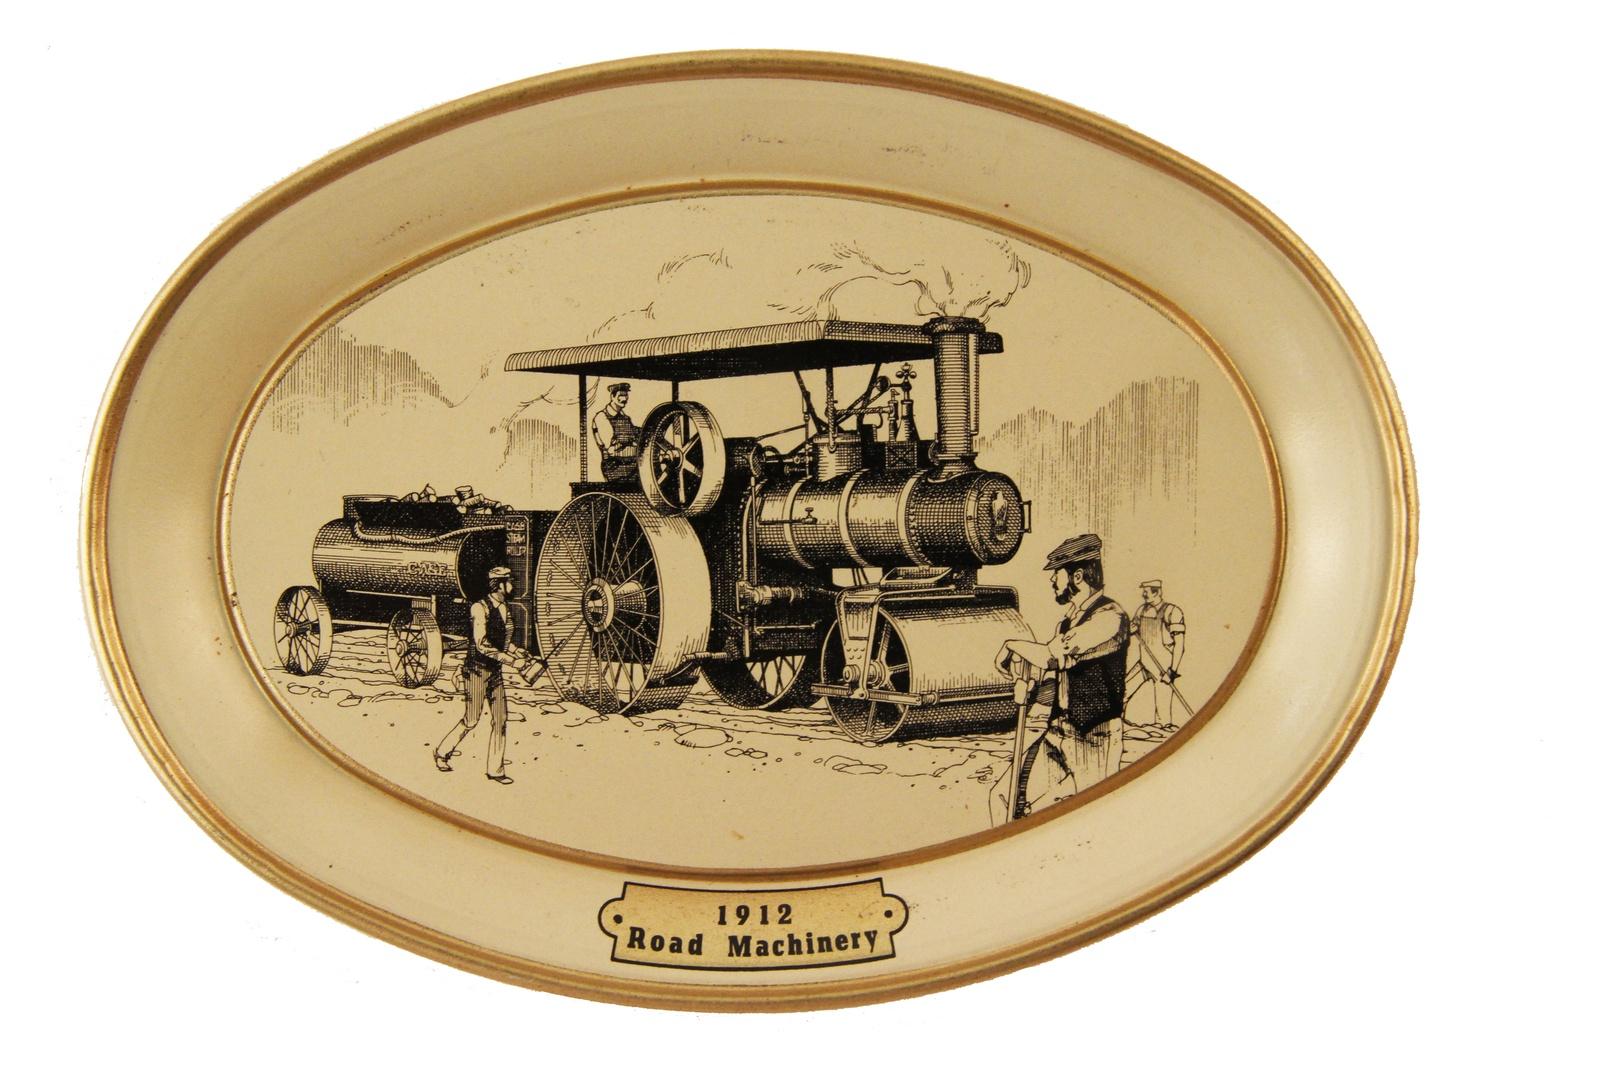 Настенный декор Антик Хобби Дорожная техника.1912 год, бежевый, золотой, черный техника